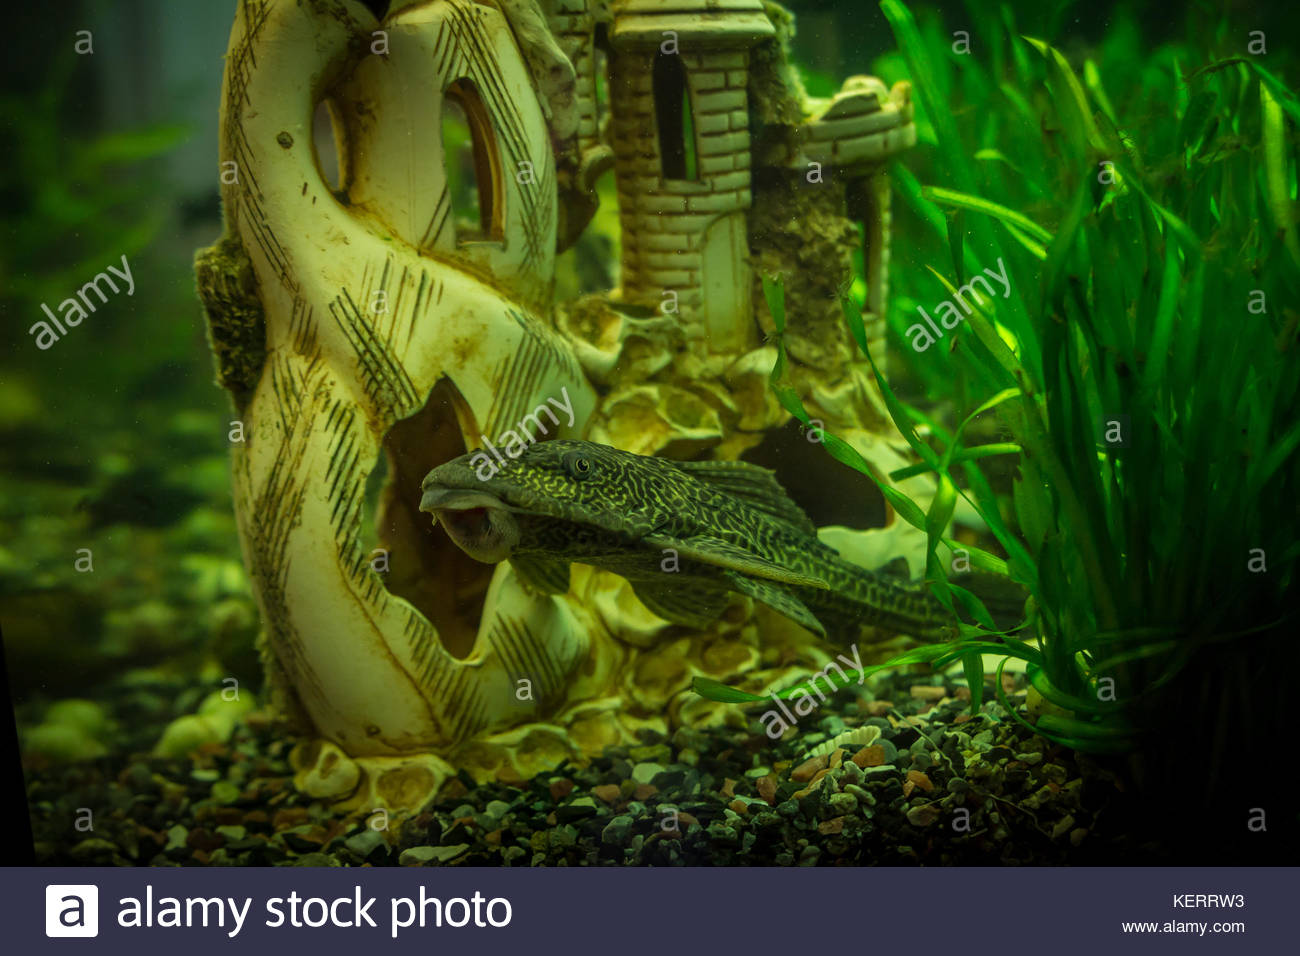 Fish For Home Aquarium The Best Aquarium